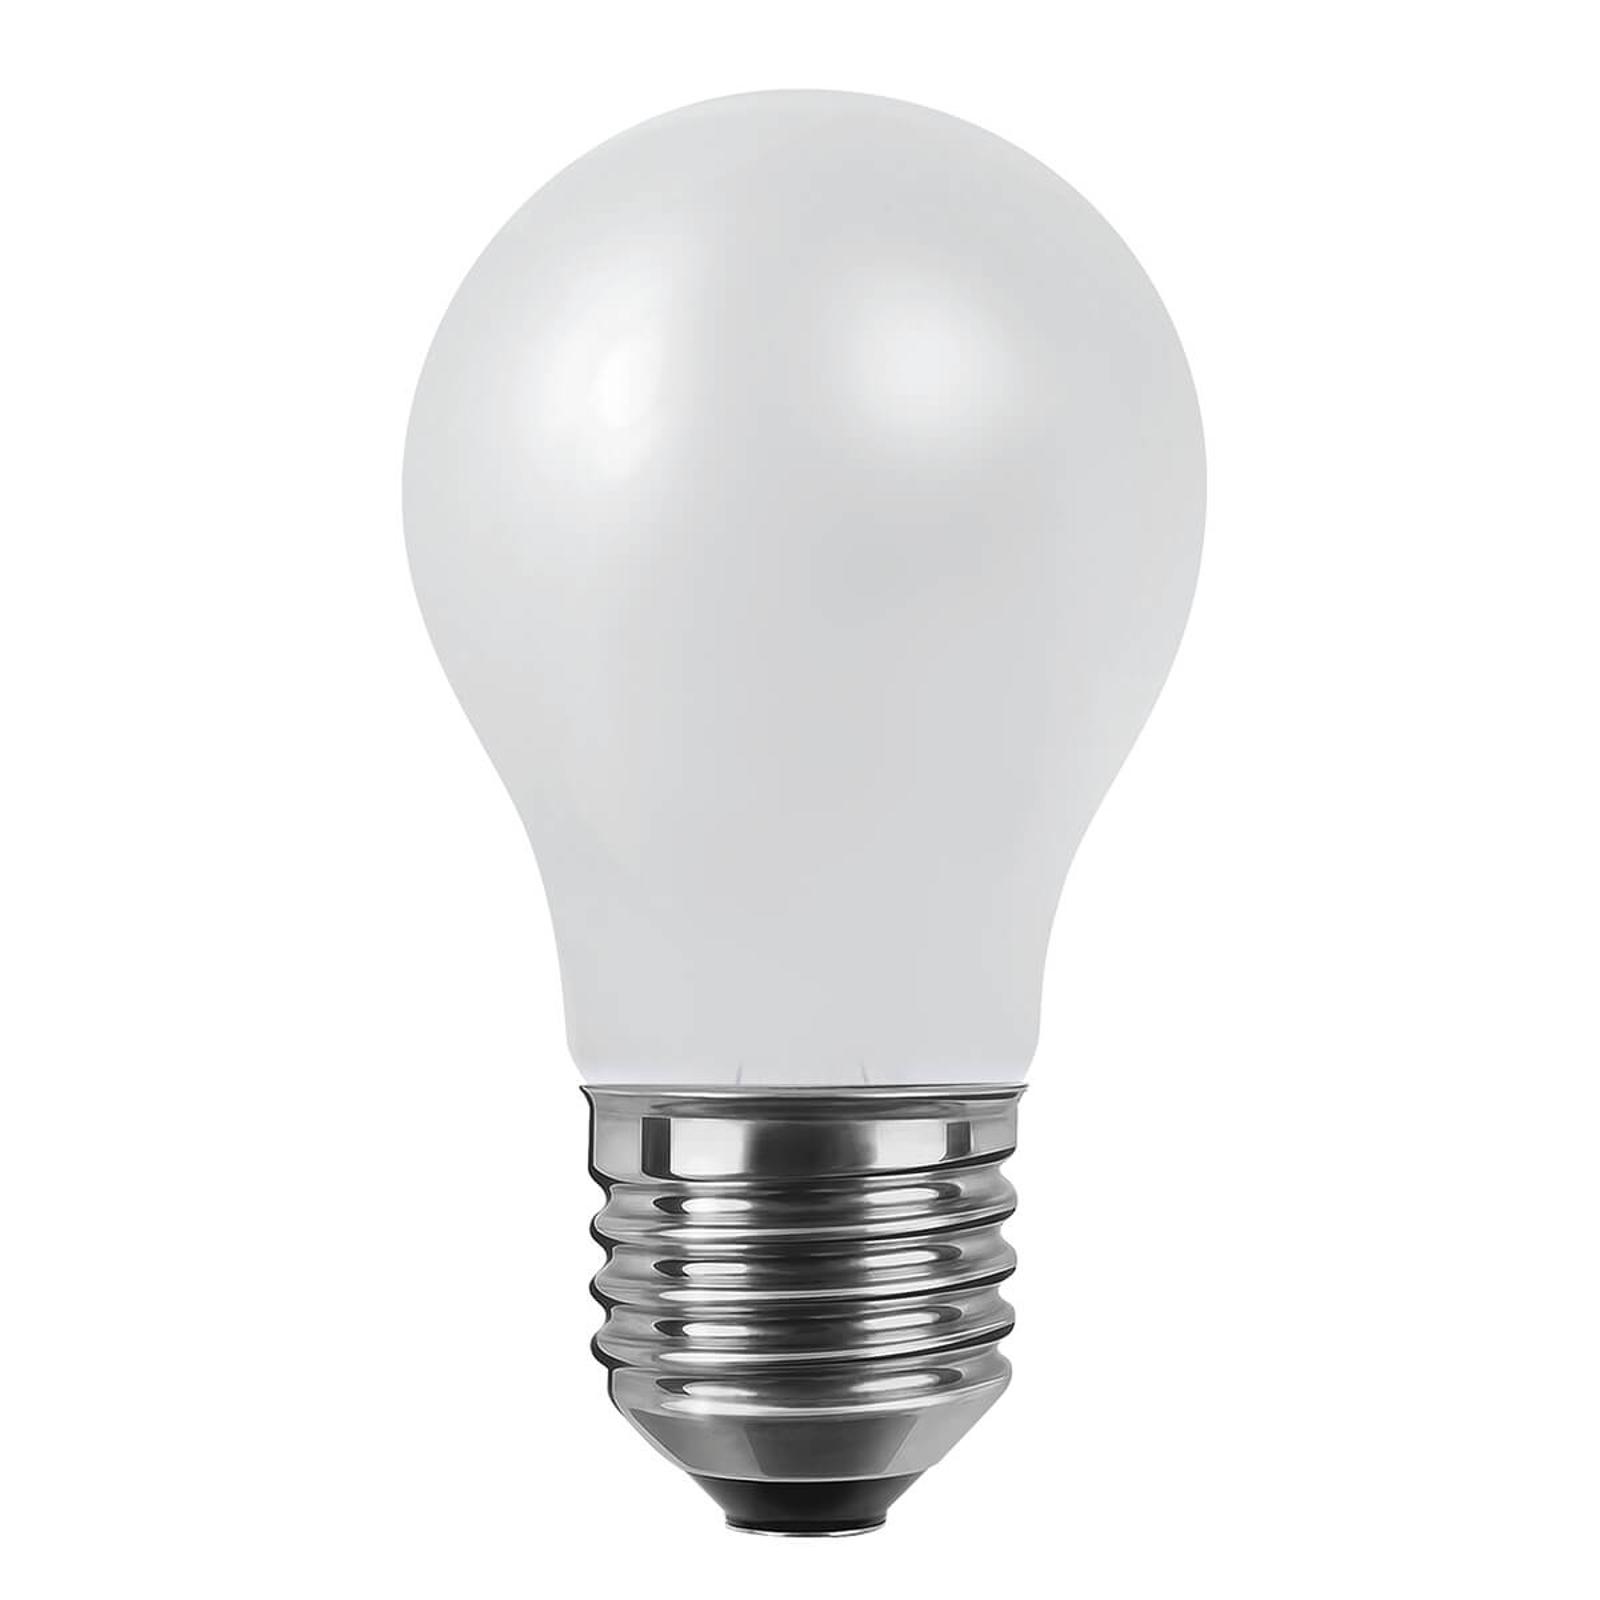 Ampoule LED E27 8W 2600K Ra90 mate